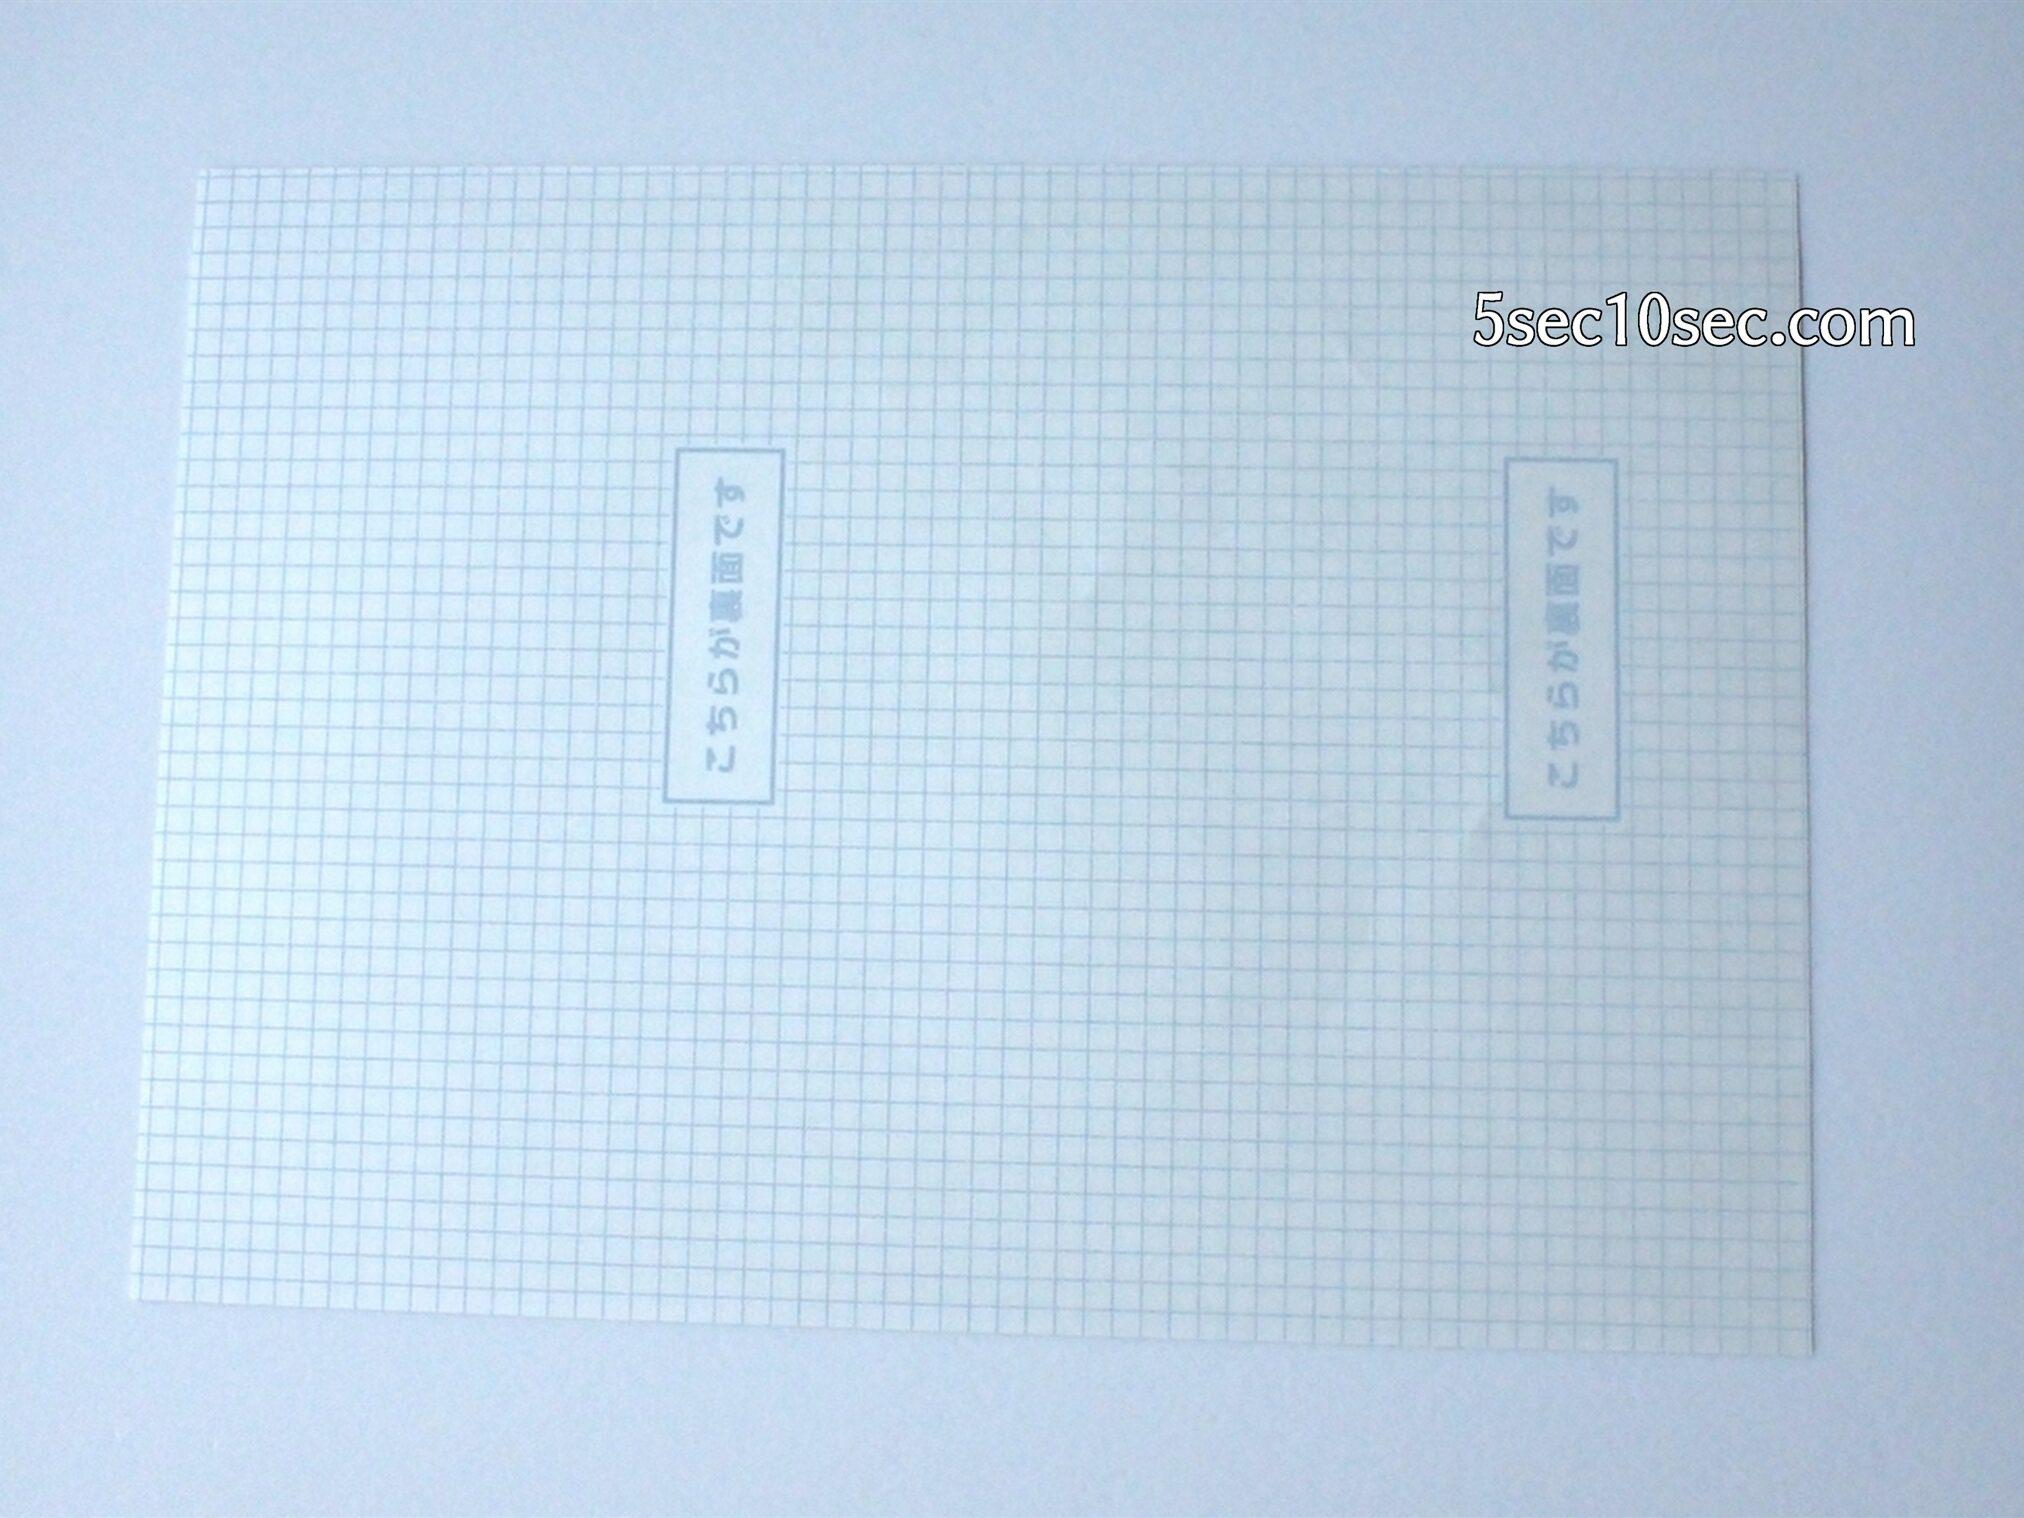 エレコム ELECOM マスキングテープラベル用紙 A4サイズ 3枚入り EDT-MTA4 裏面は方眼紙になっています